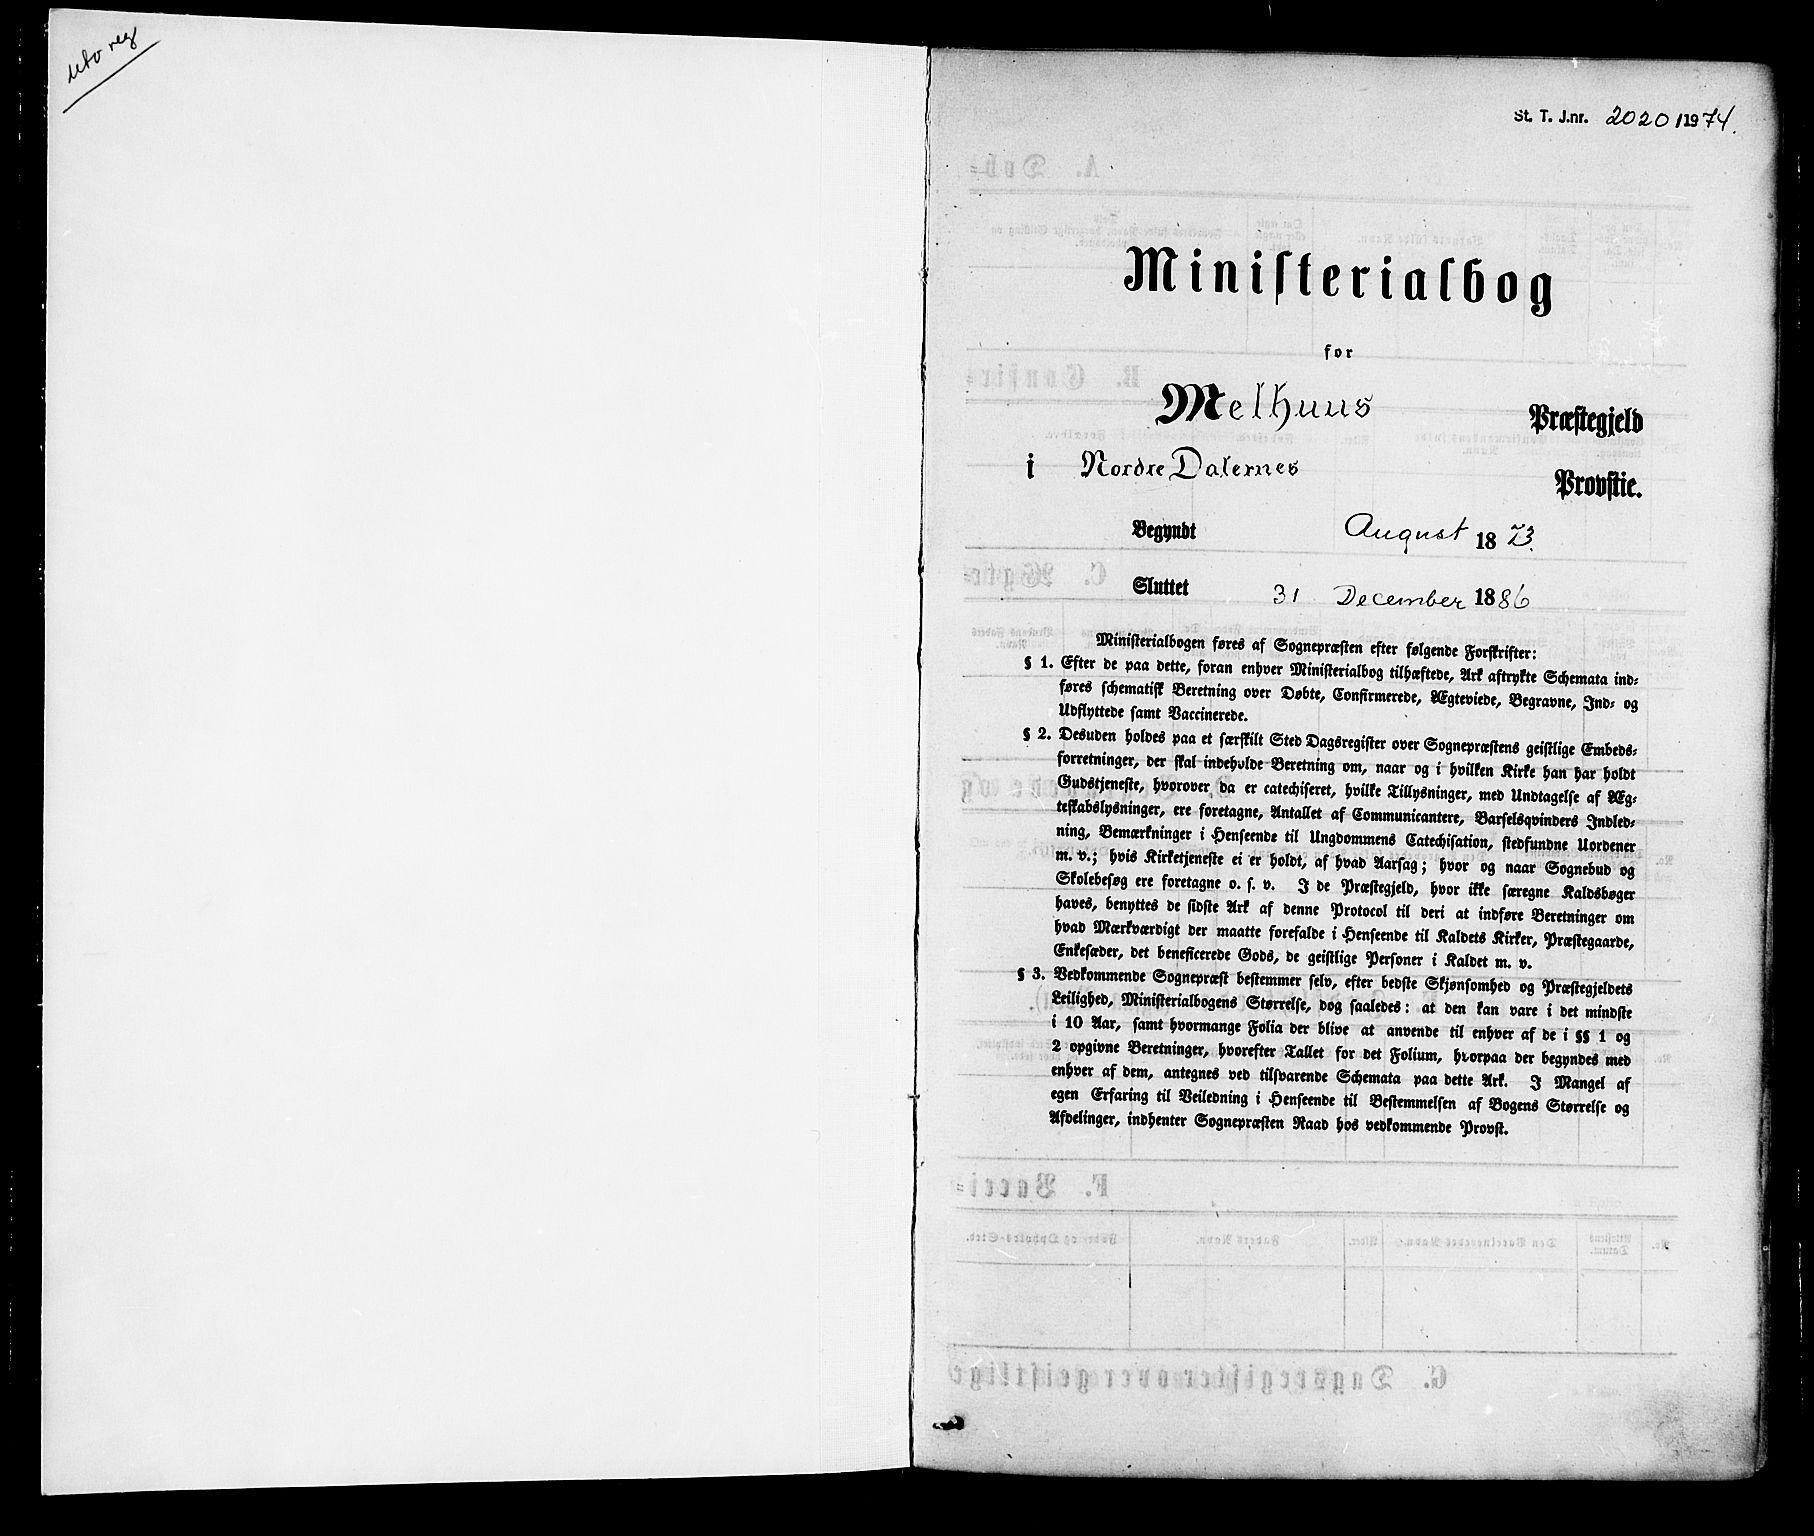 SAT, Ministerialprotokoller, klokkerbøker og fødselsregistre - Sør-Trøndelag, 691/L1079: Ministerialbok nr. 691A11, 1873-1886